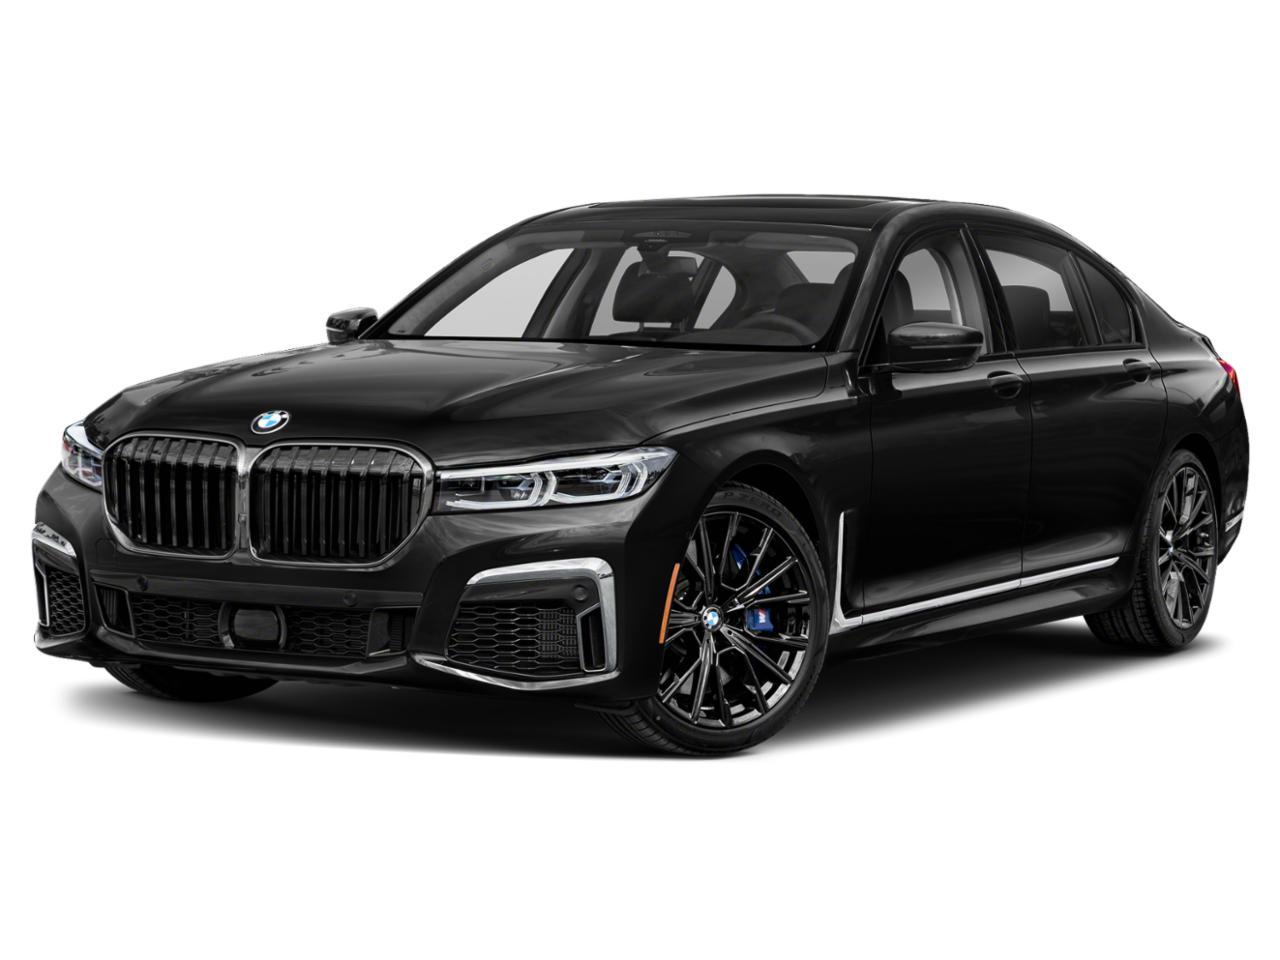 2022 BMW M760i xDrive Vehicle Photo in Grapevine, TX 76051